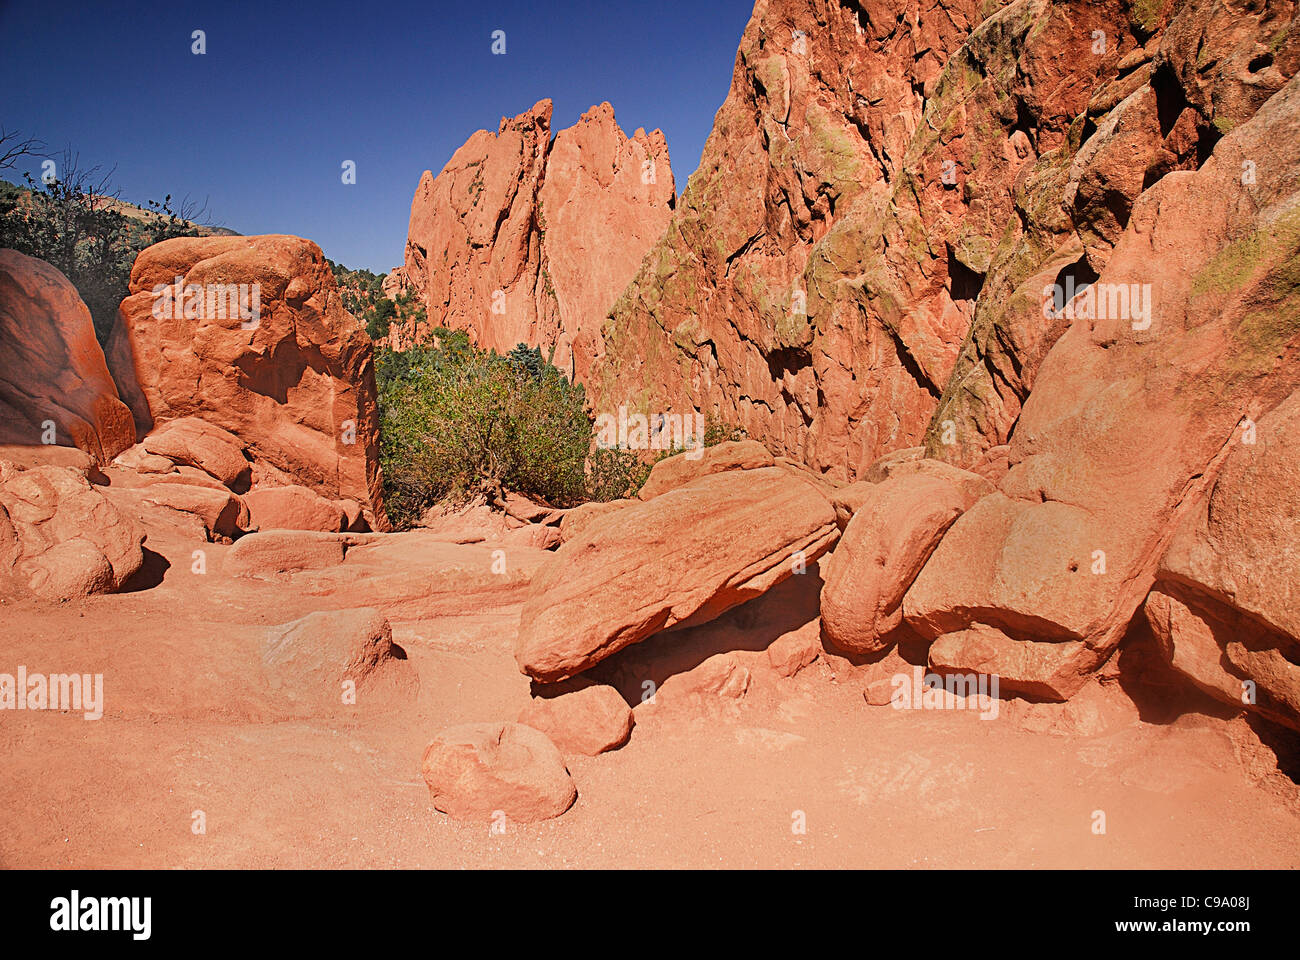 USA, Colorado, Colorado Springs, Garden of the Gods public park eroded sandstone rock. Stock Photo